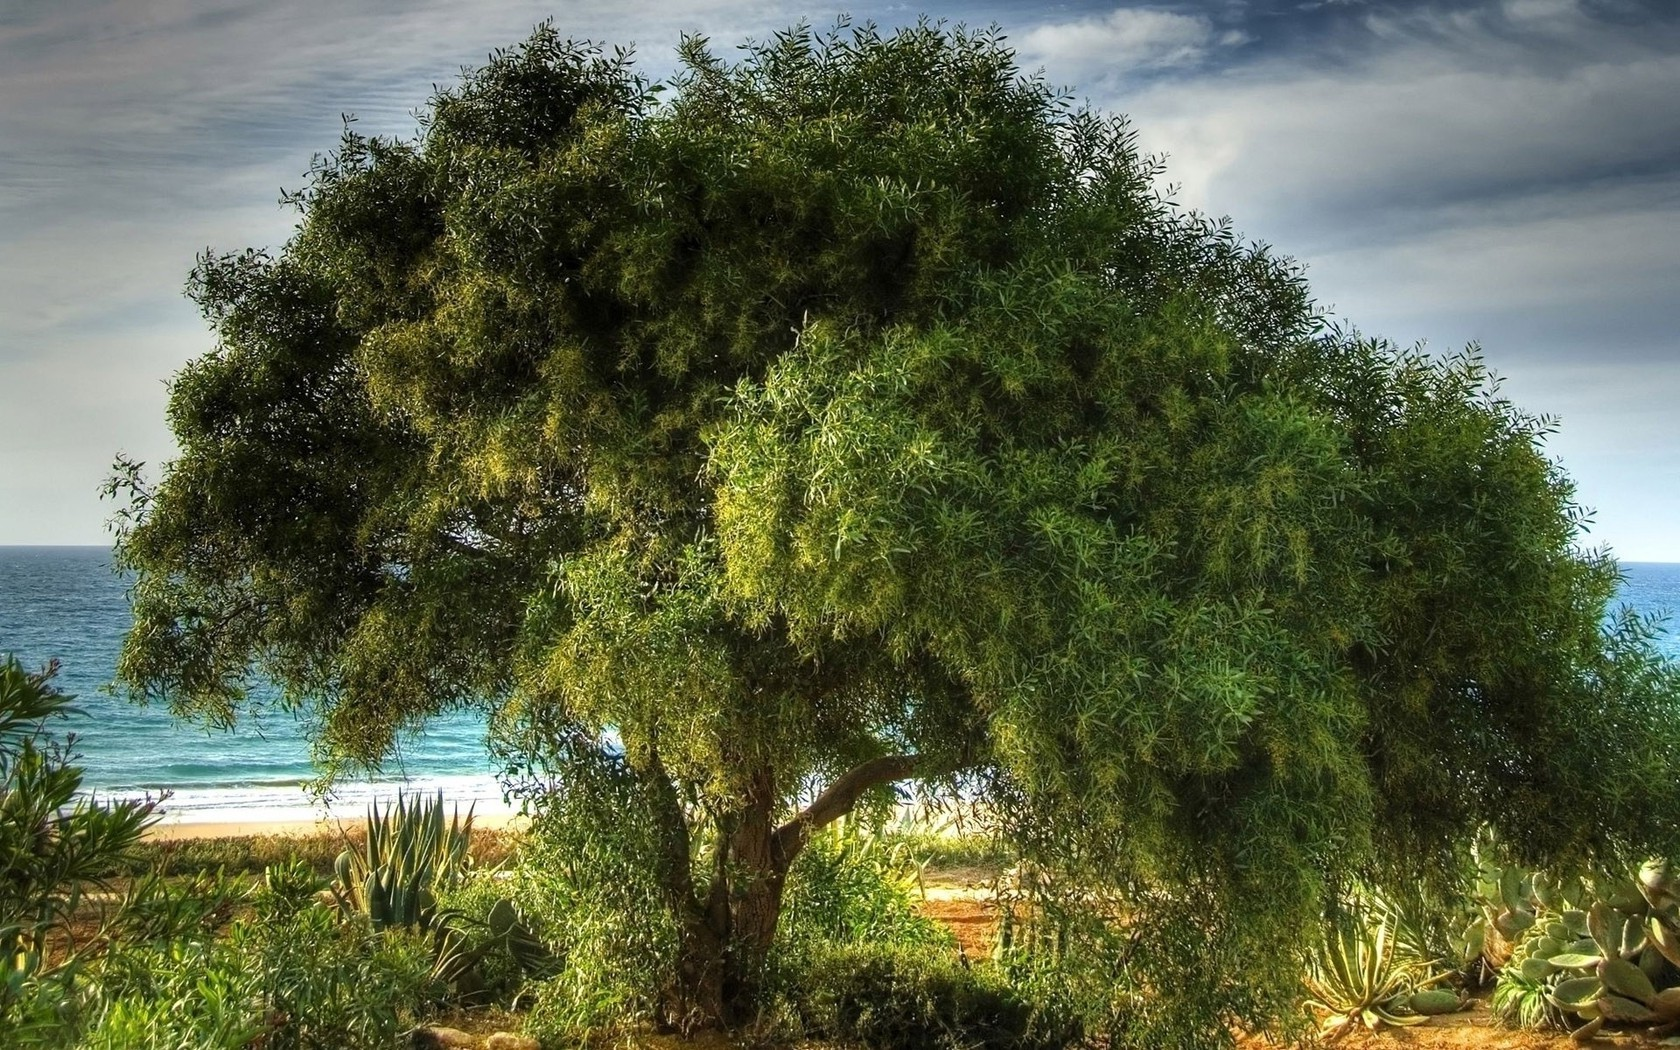 этого дерево олива фото для рабочего стола которой